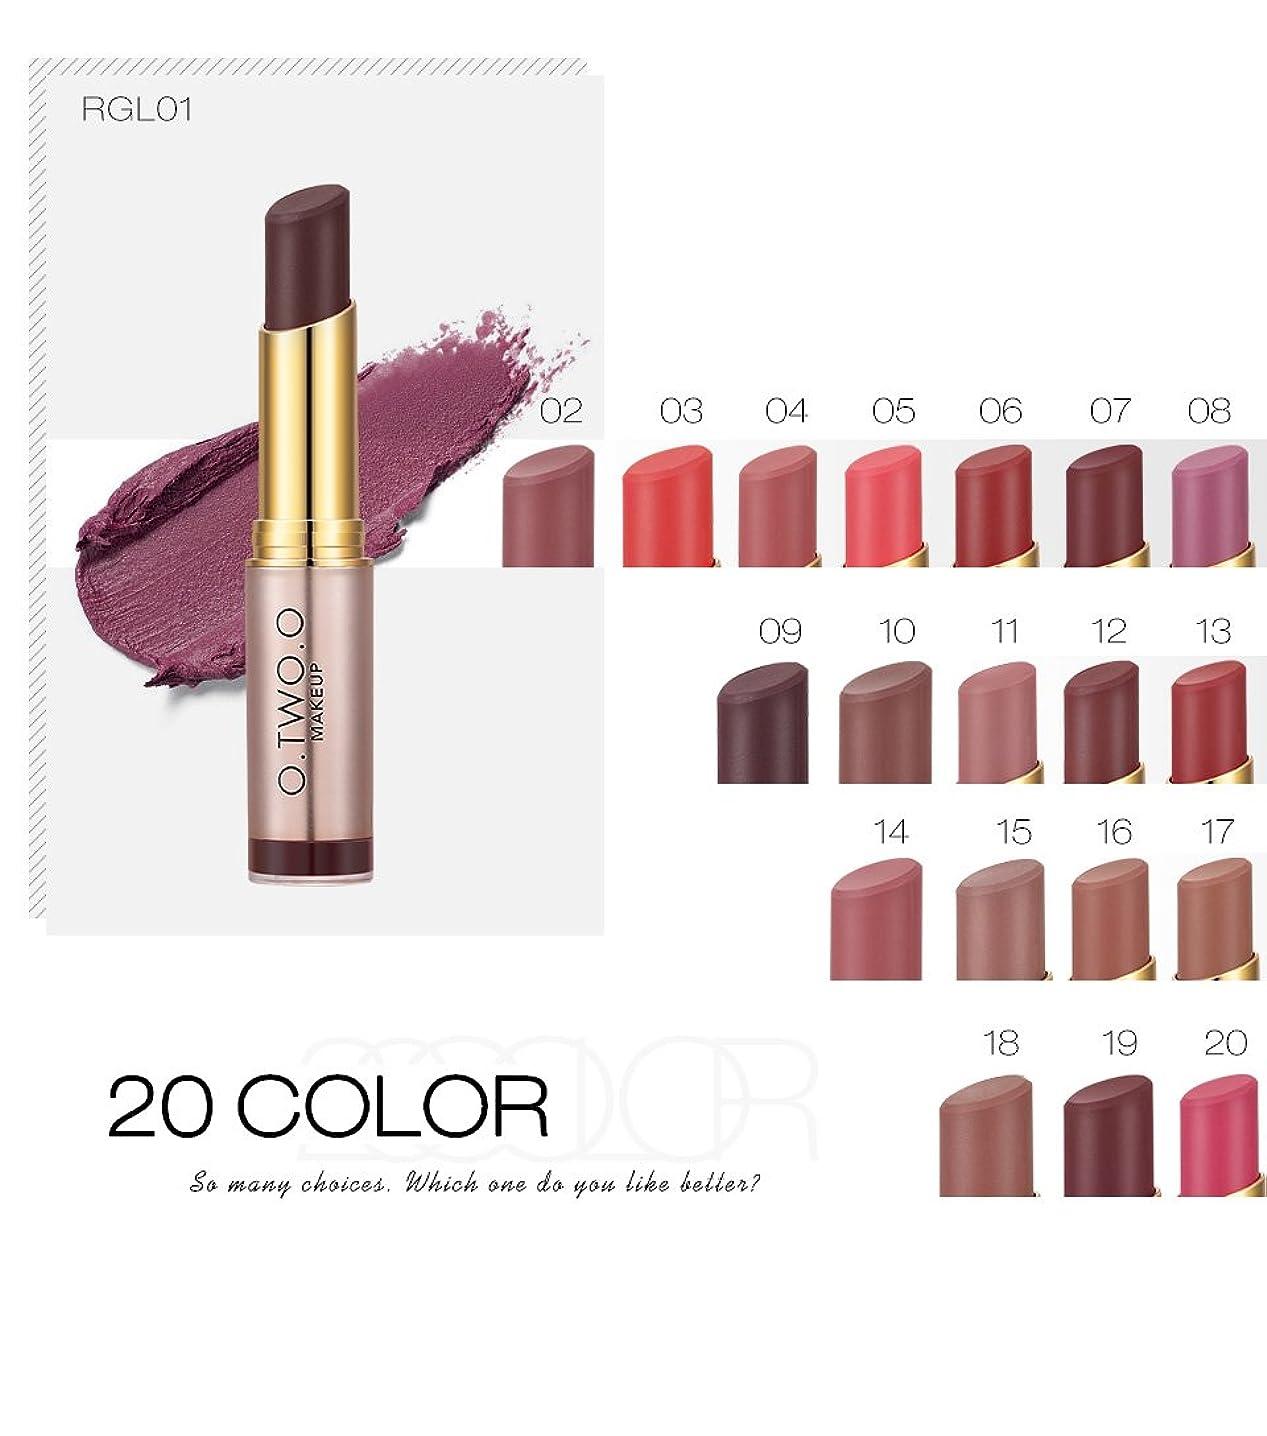 燃料一時的ベッドを作る(RGL11) Brand Wholesale Beauty Makeup Lipstick Popular Colors Best Seller Long Lasting Lip Kit Matte Lip Cosmetics